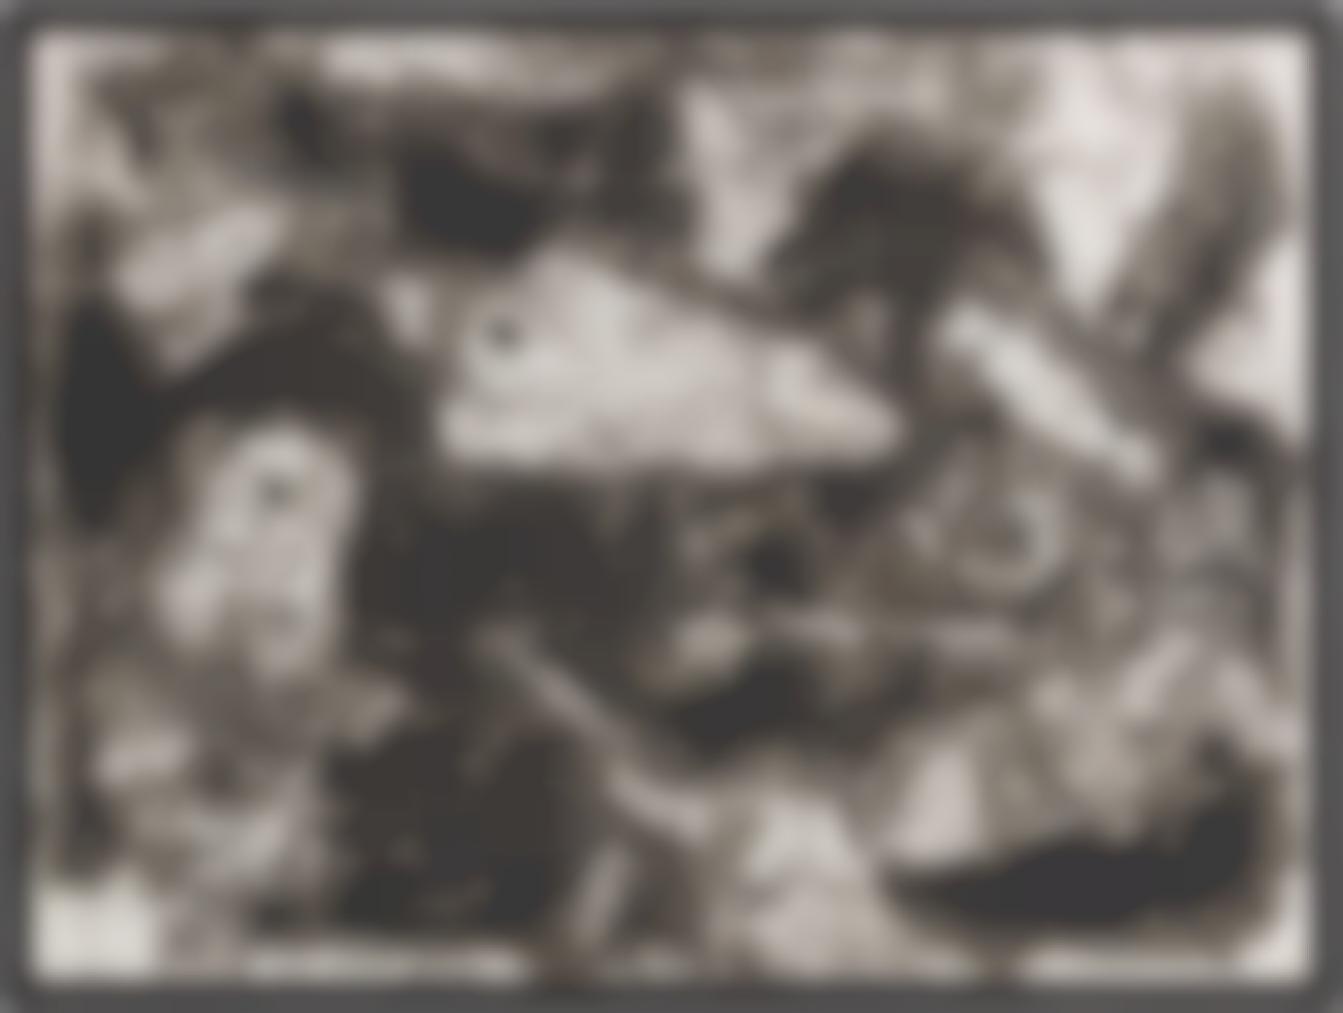 Jean Dubuffet-Empreinte Iii-1957